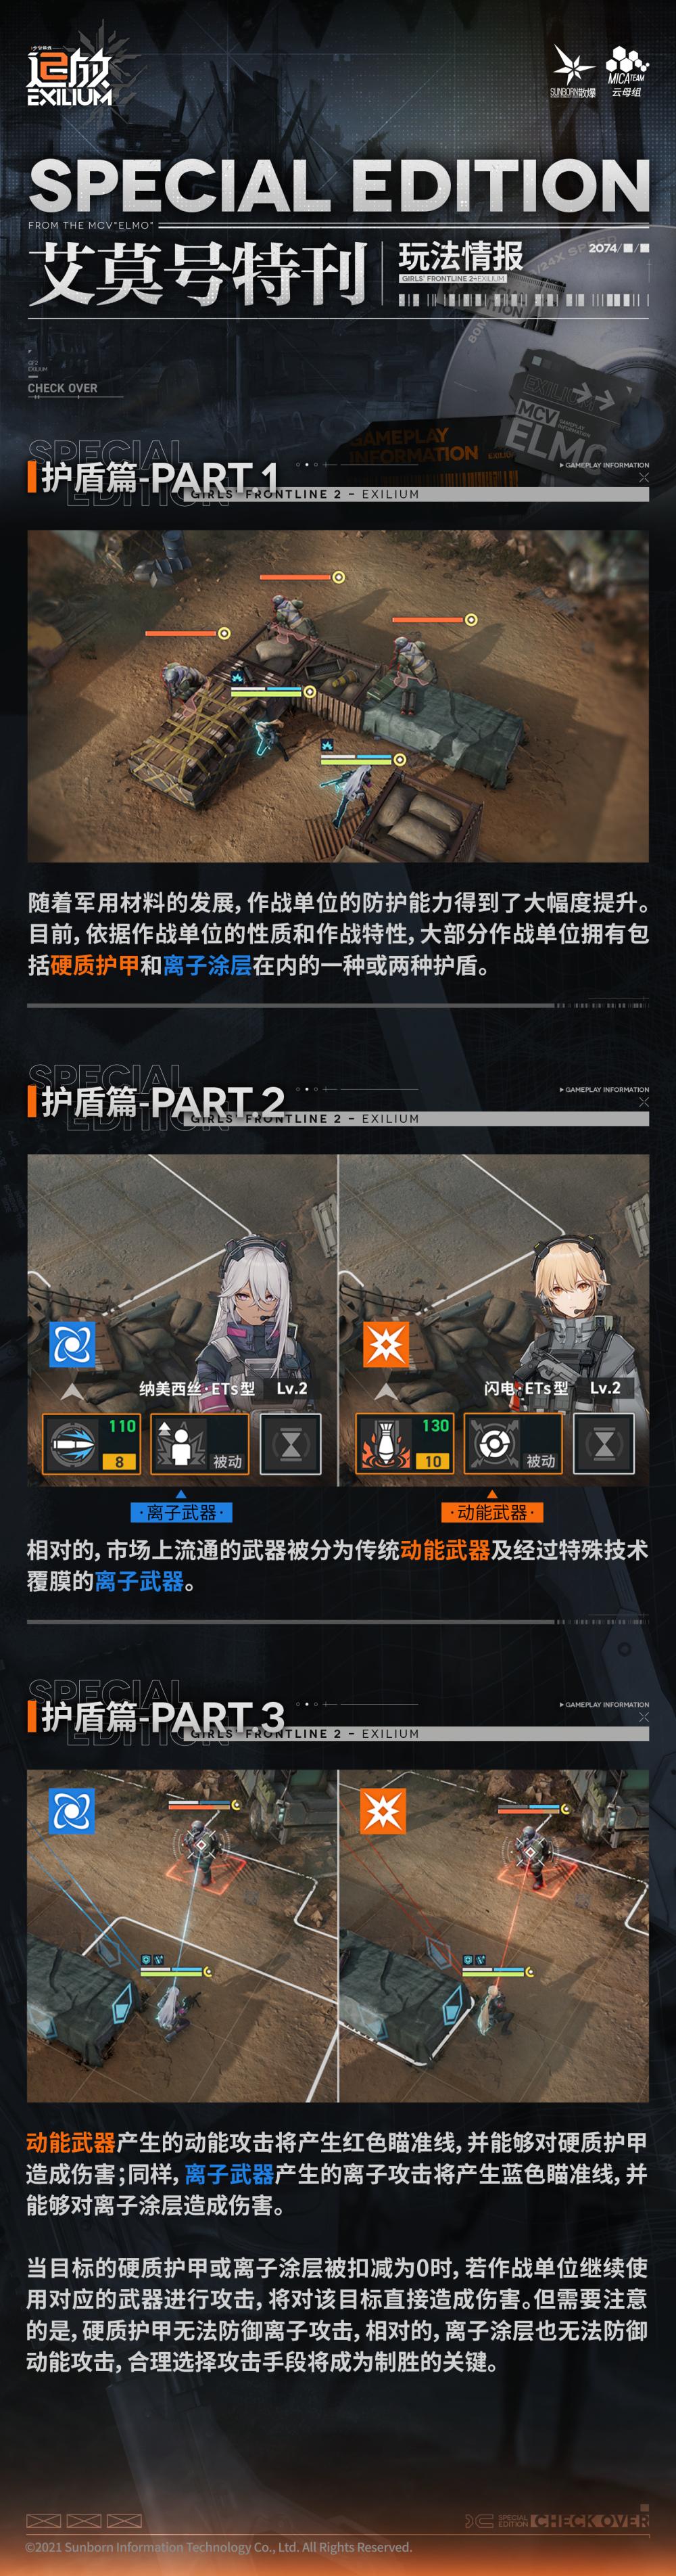 """【艾莫号特刊】本期为您带来""""护盾""""玩法介绍!"""